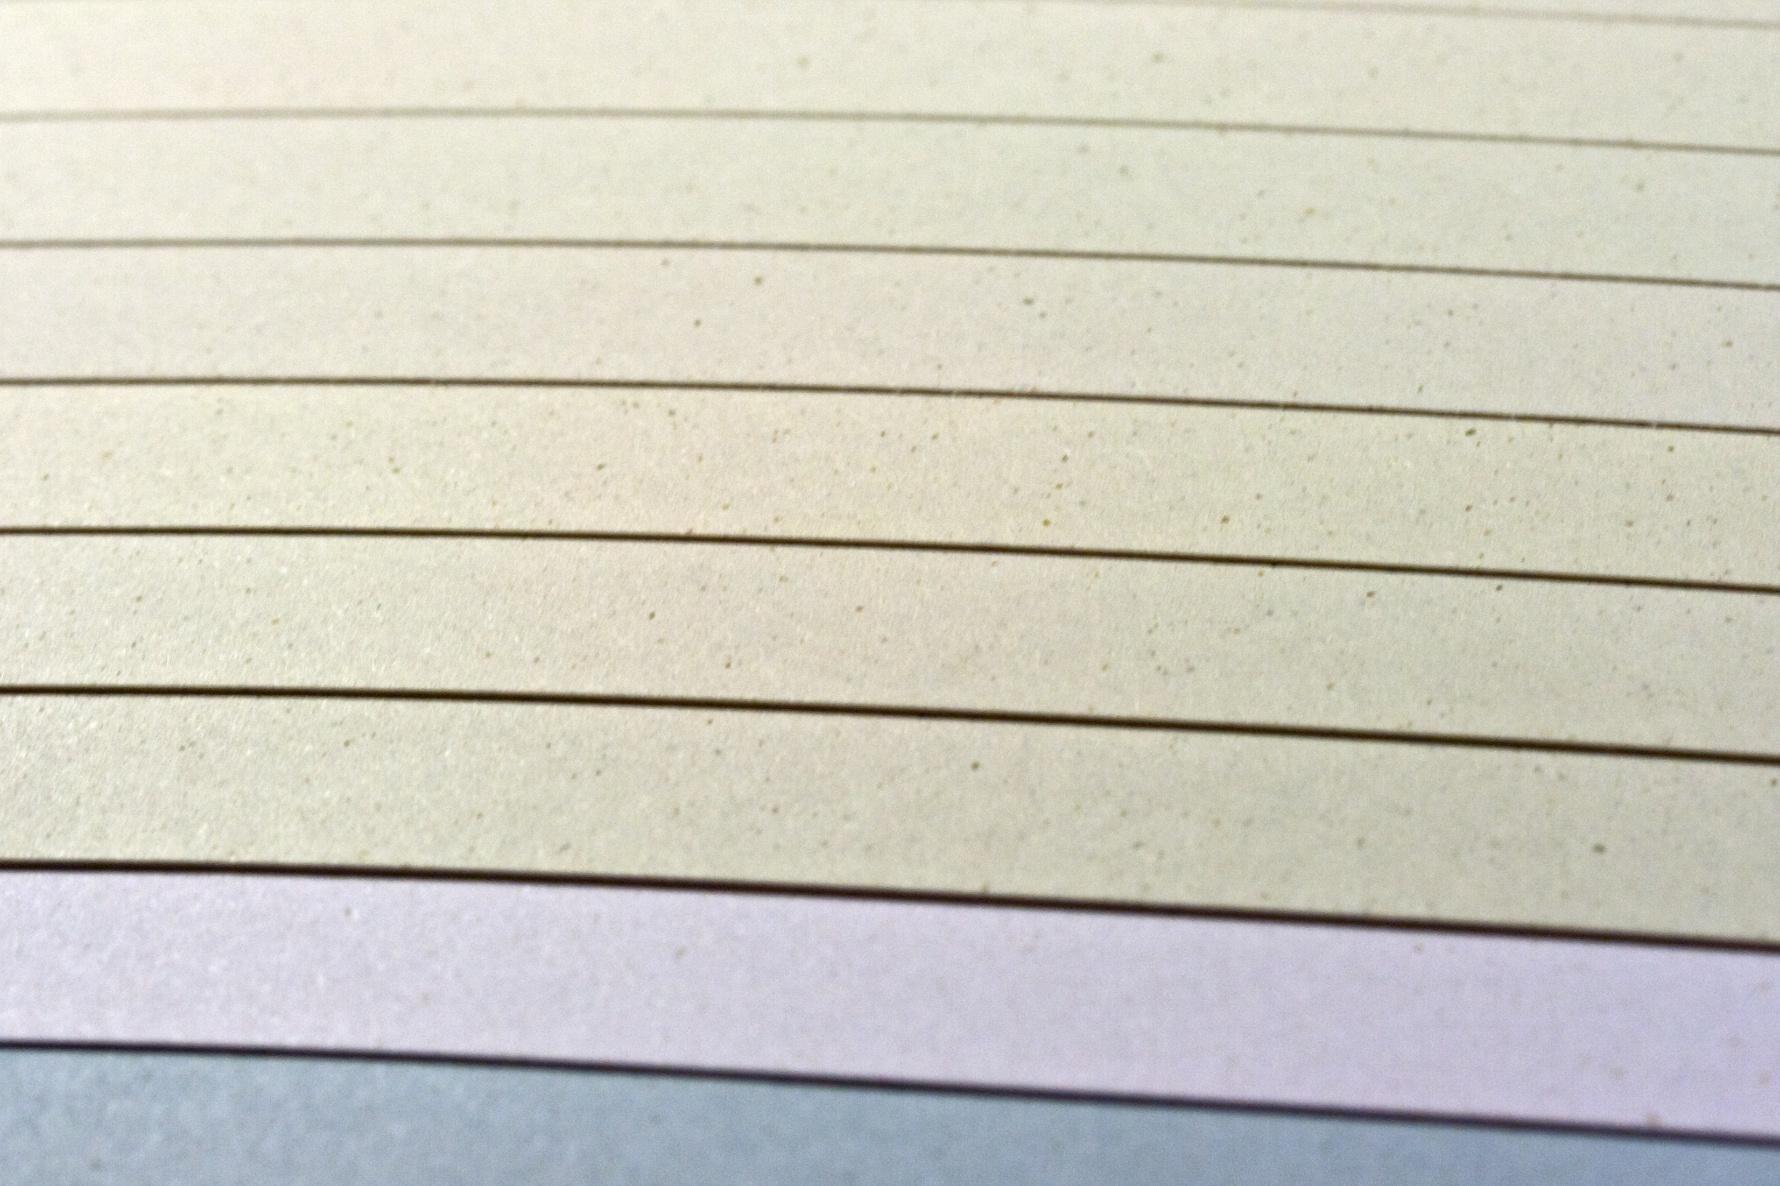 shiro alga carta